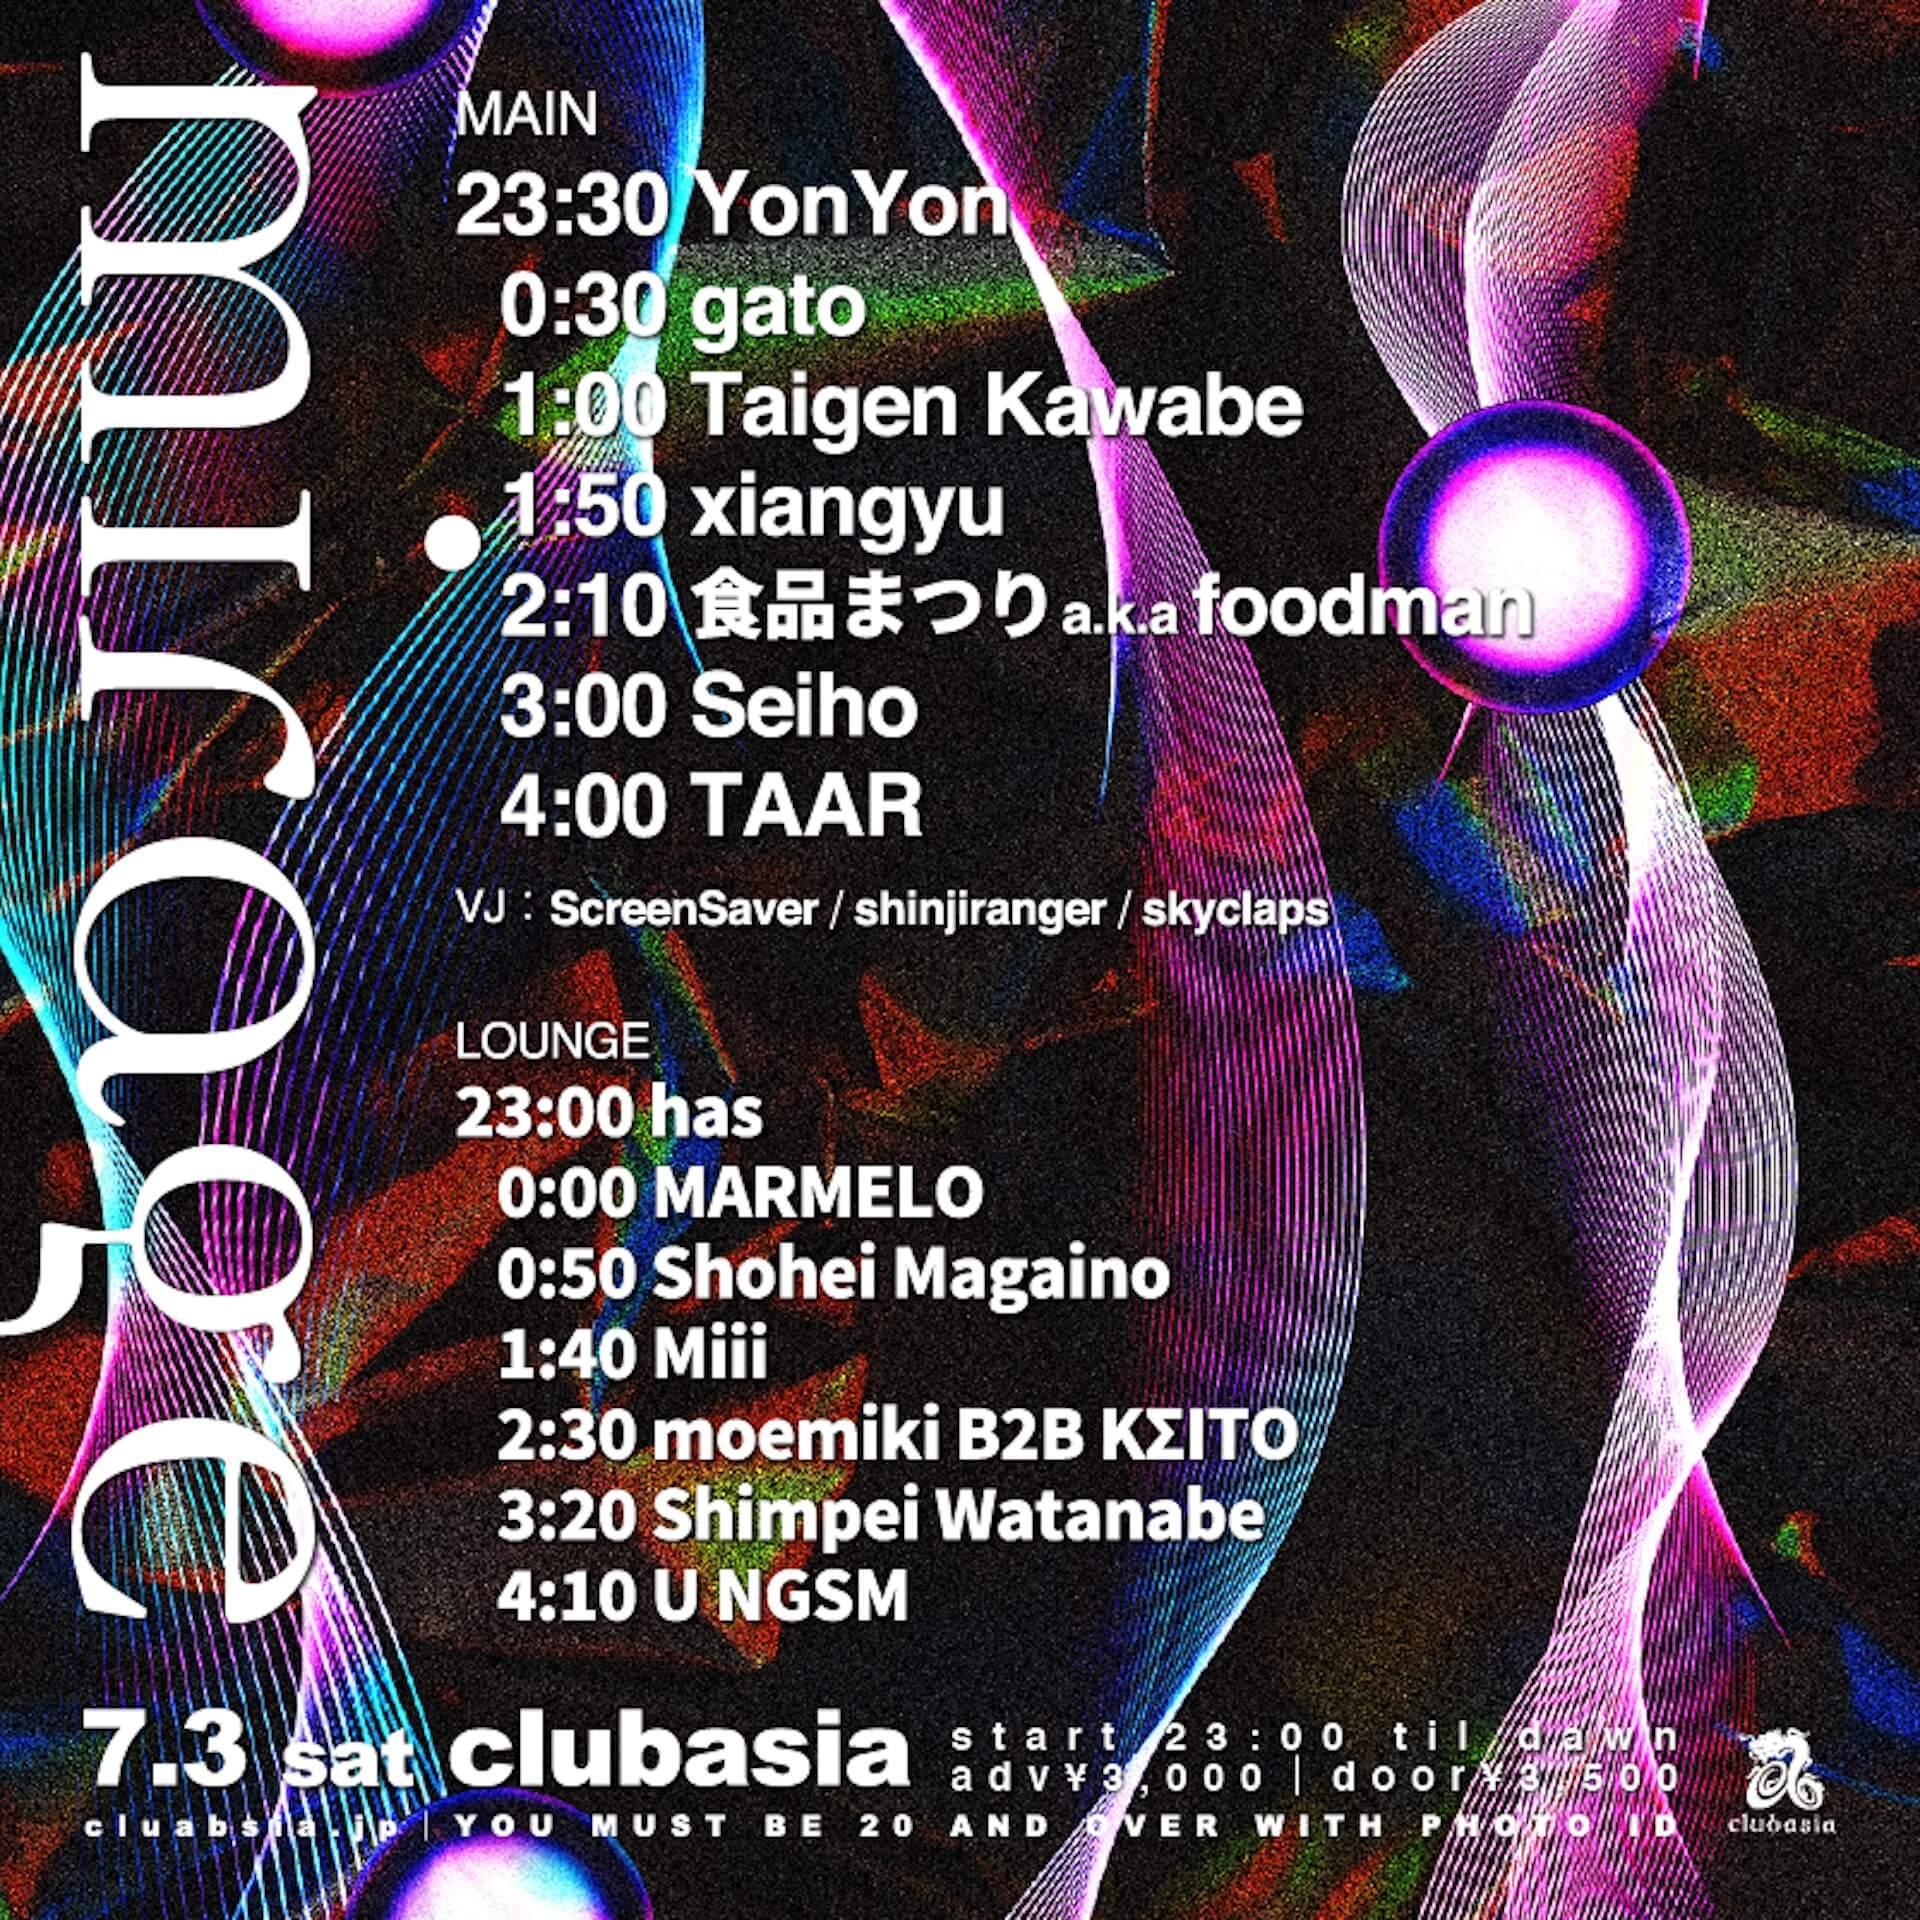 食品まつり a.k.a foodman、Seiho、YonYonらが出演する今週末開催の<mirage>タイムテーブルが発表! music_210702_mirage_timetable